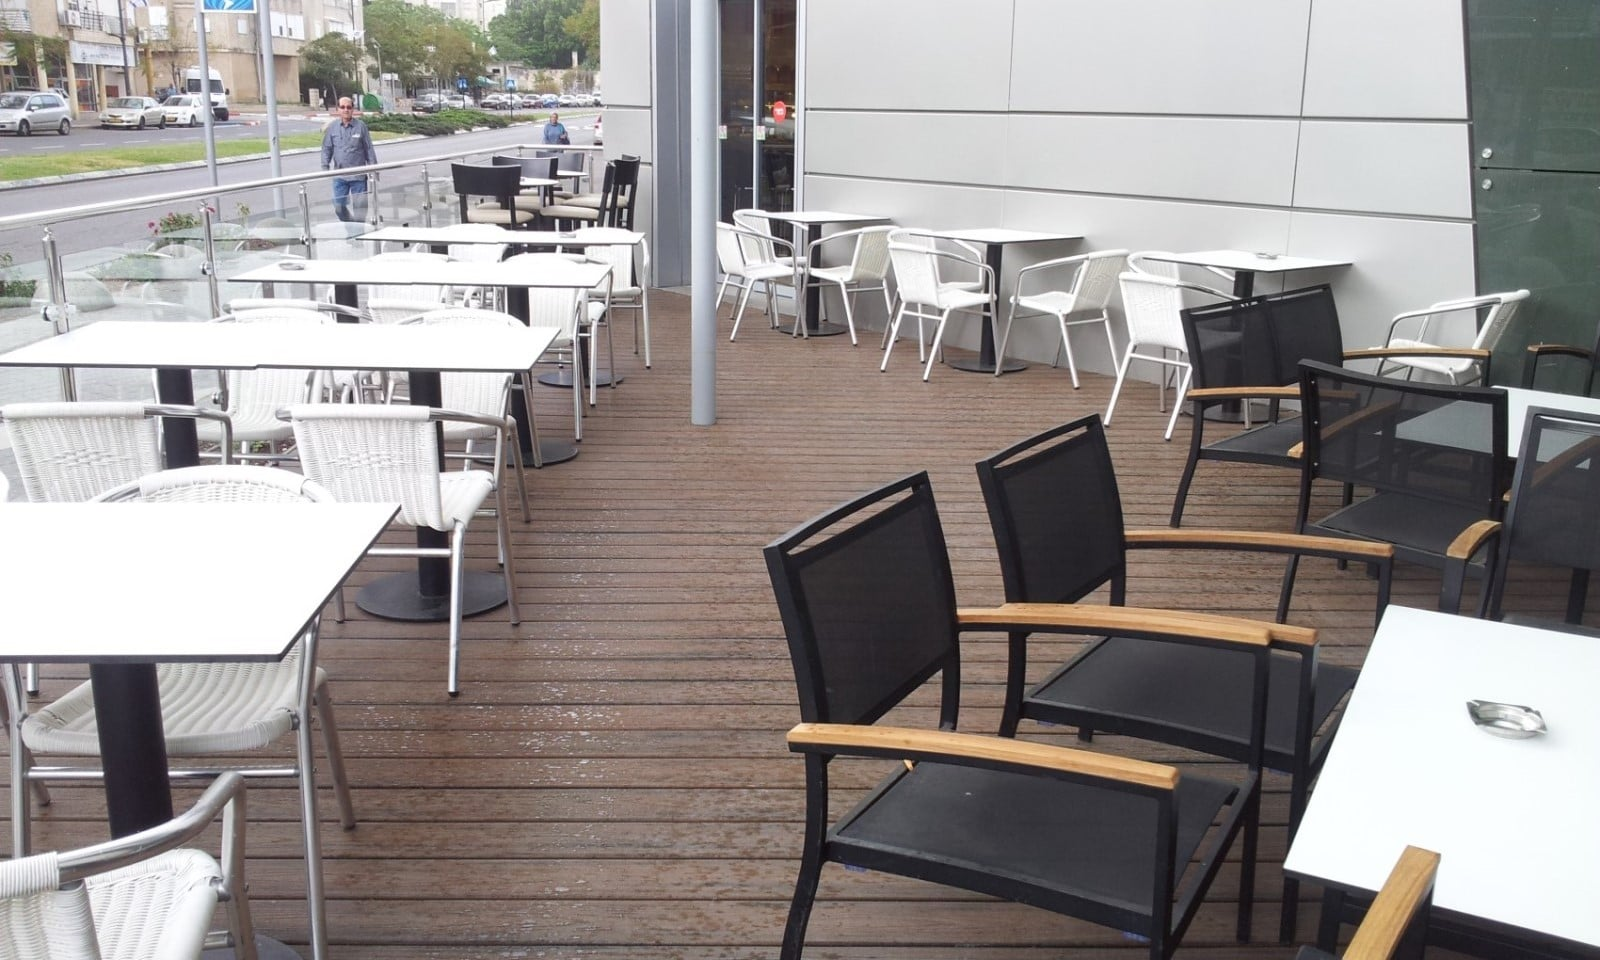 דק סינטטי, דק למרפסת בארומה קרית אתא - חברת TREX מומחים בייצור דקים סינטטיים לגינה, דק לבריכה, דק לחצר, דק למרפסת וסוגי דק סינטטי שונים בגוונים שונים ובמרקמים שונים